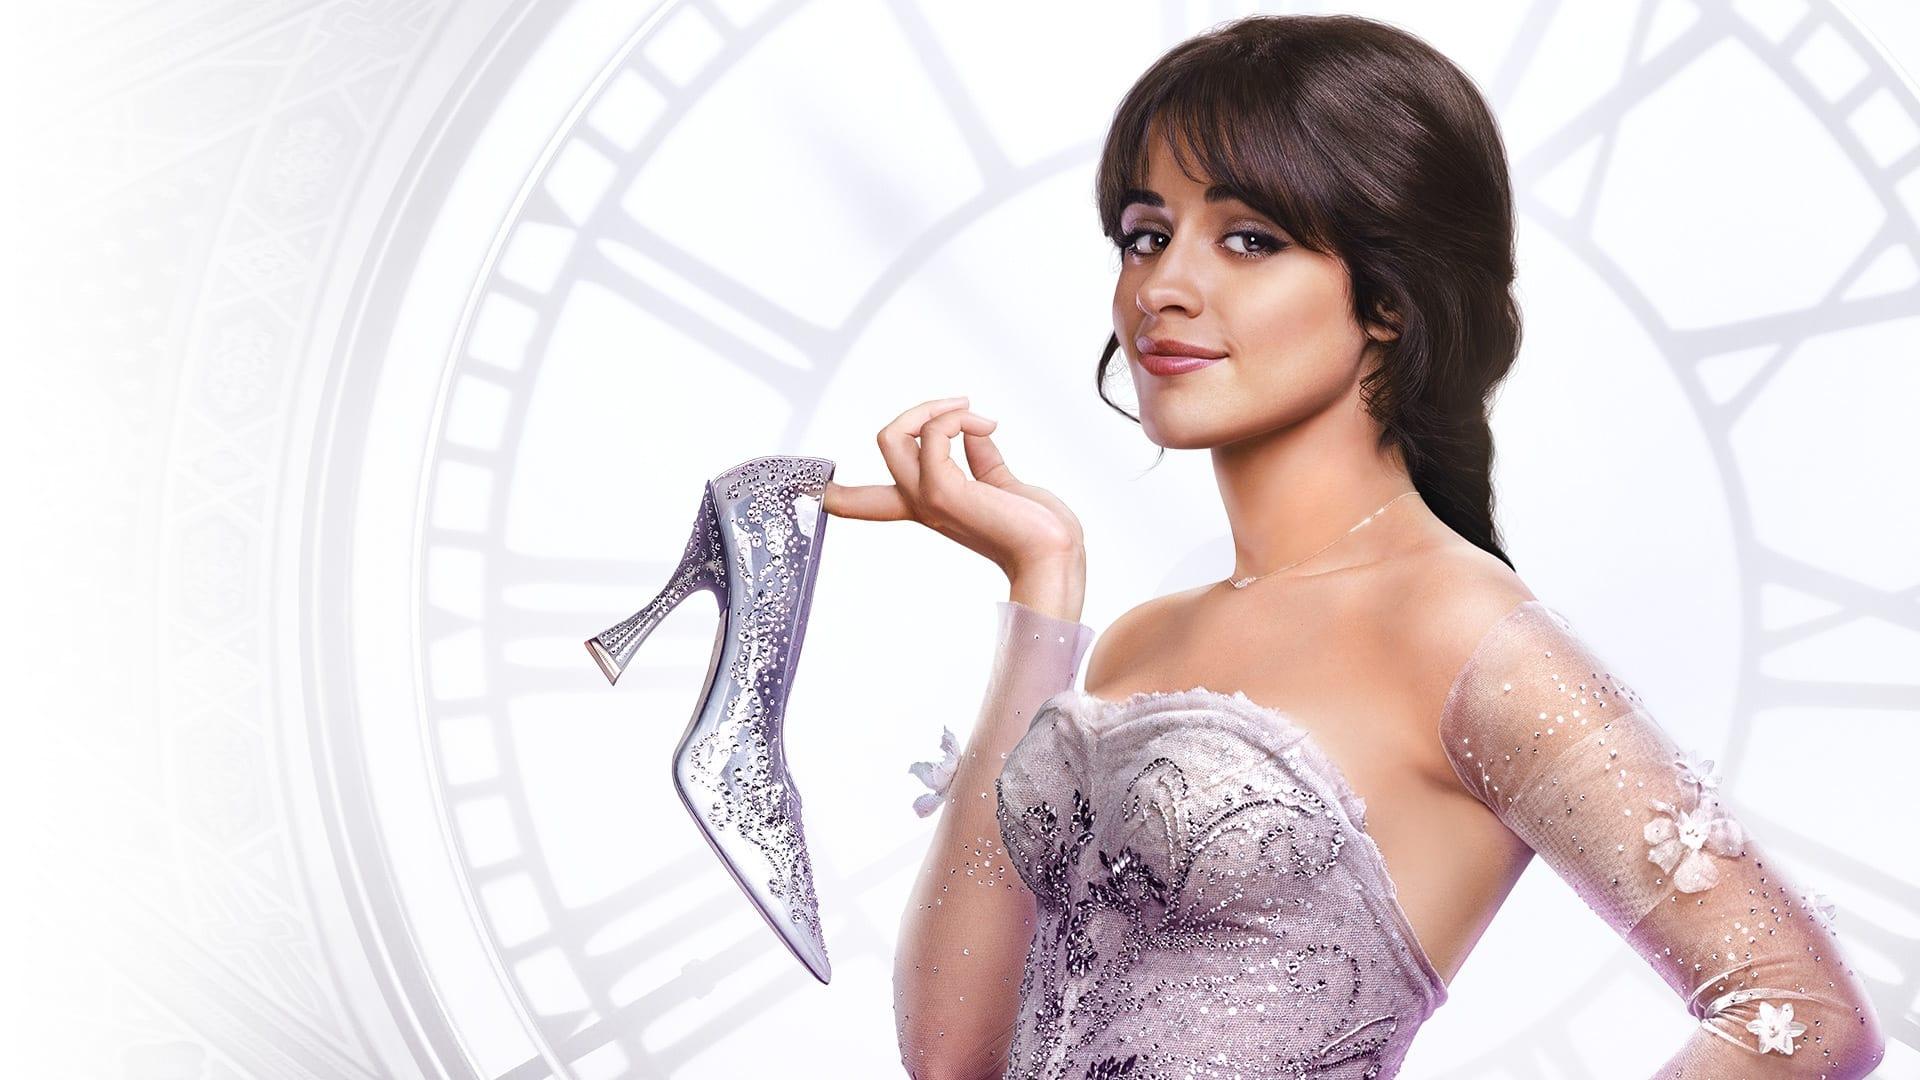 Cinderella 2021 là câu chuyện của cô gái trẻ bận rộn với ước mơ xây dựng đế chế thời trang của riêng mình